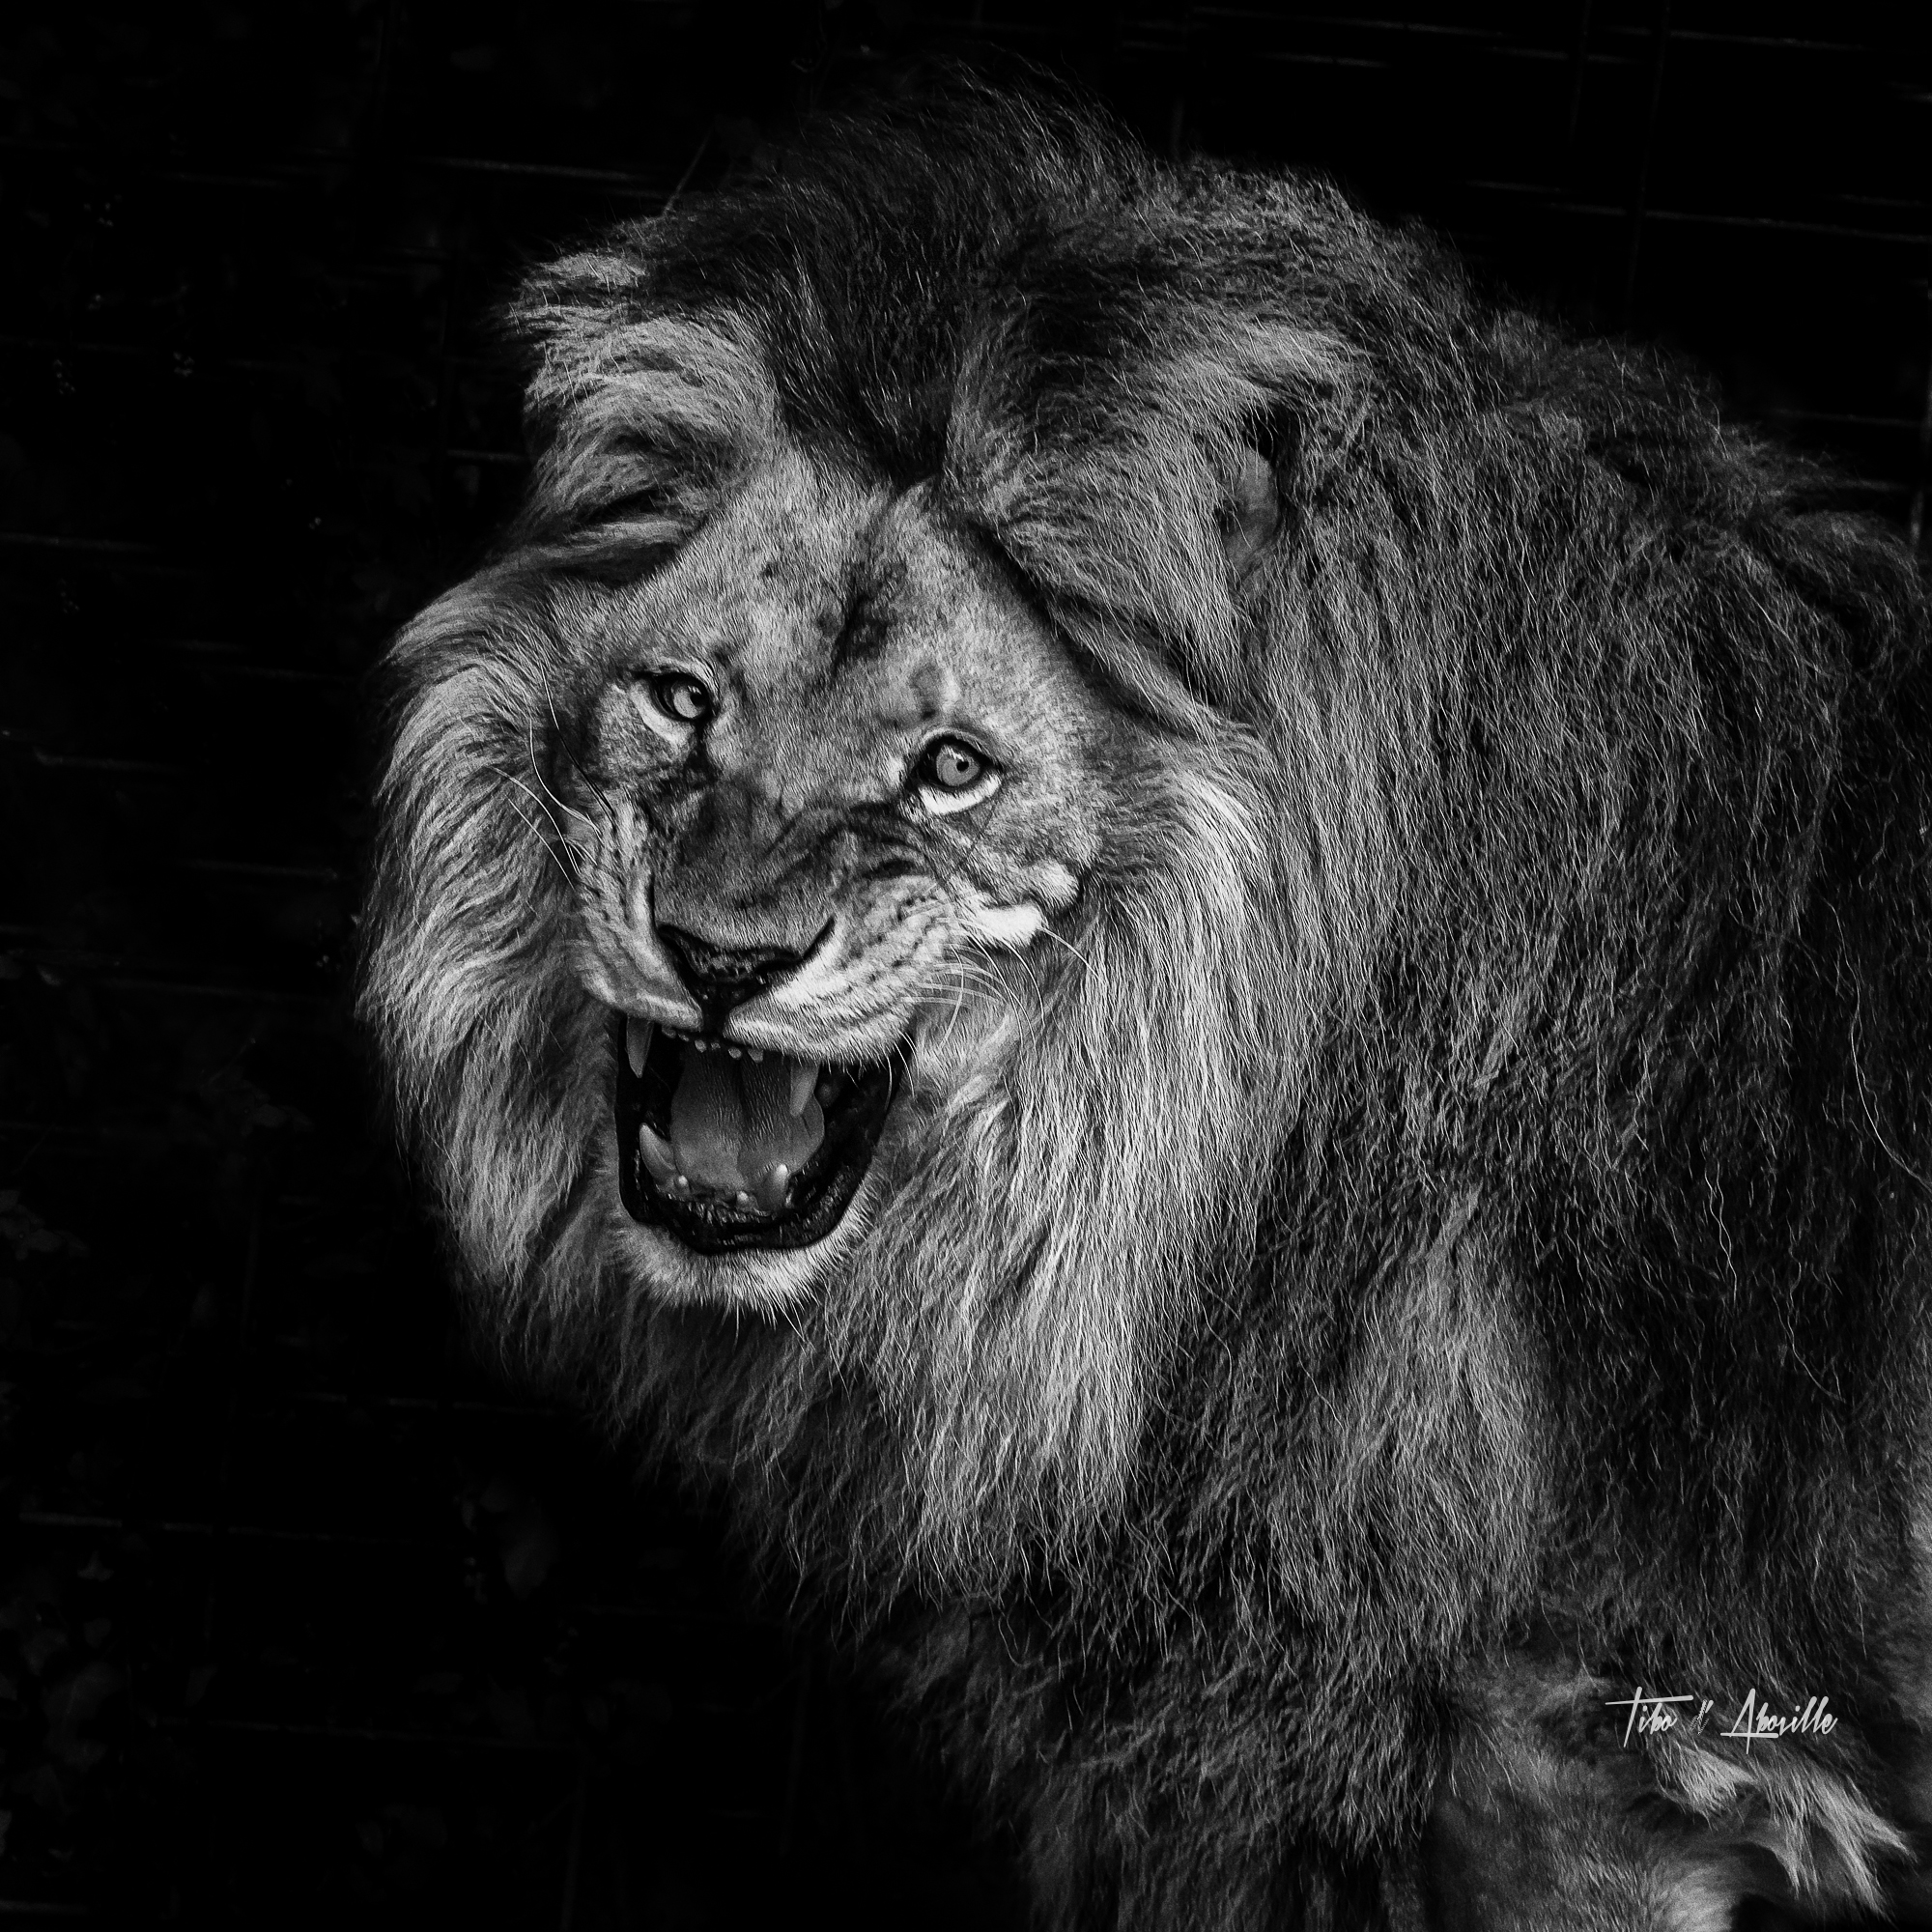 King #6